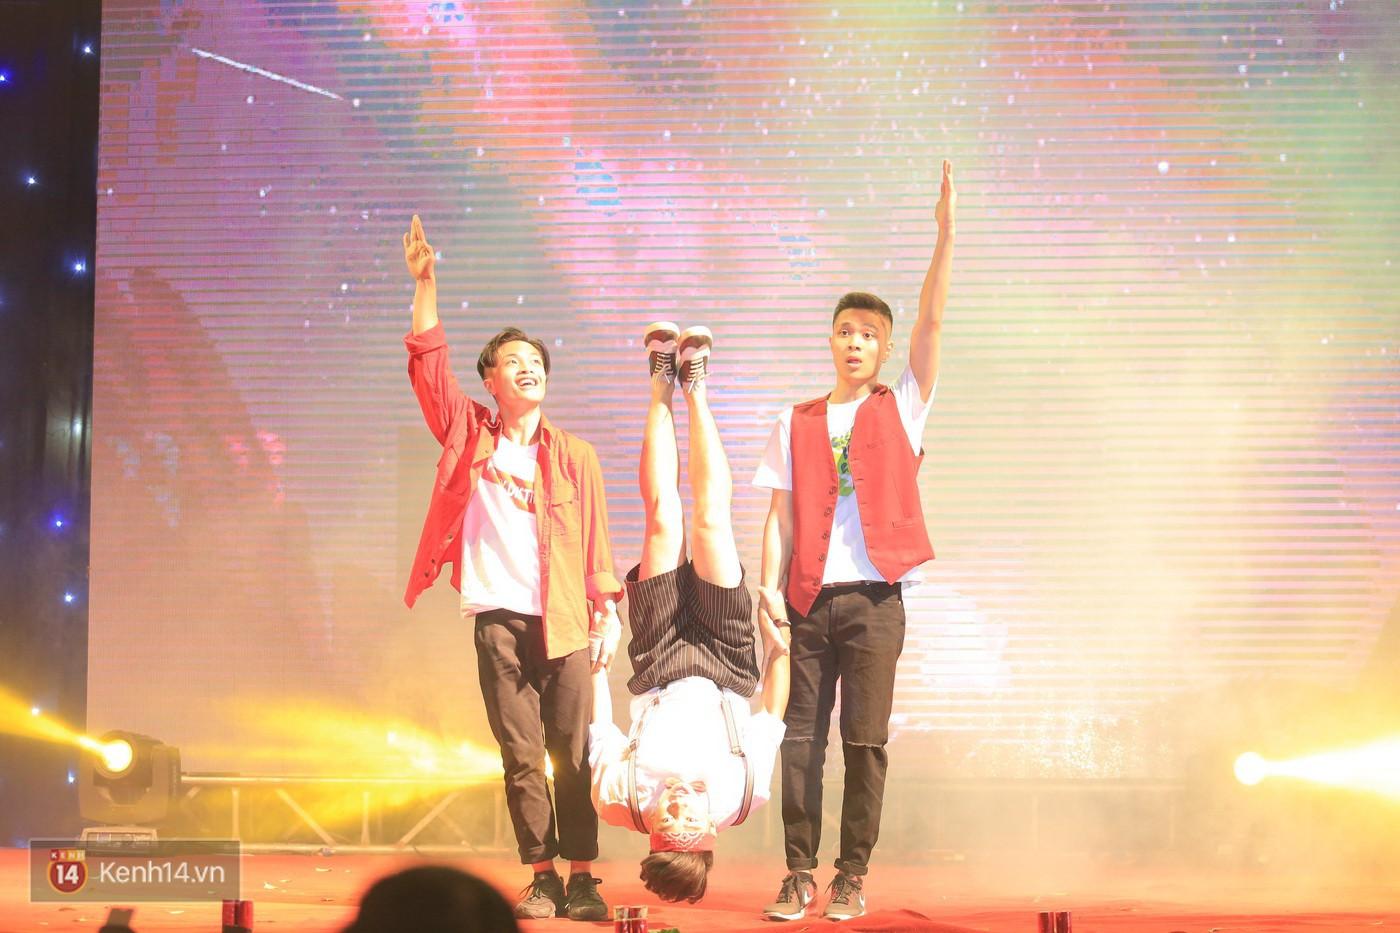 Trai xinh gái đẹp trường Lê Quý Đôn (Hà Nội) quẩy tưng bừng trong prom chào mừng 20/11 - Ảnh 12.